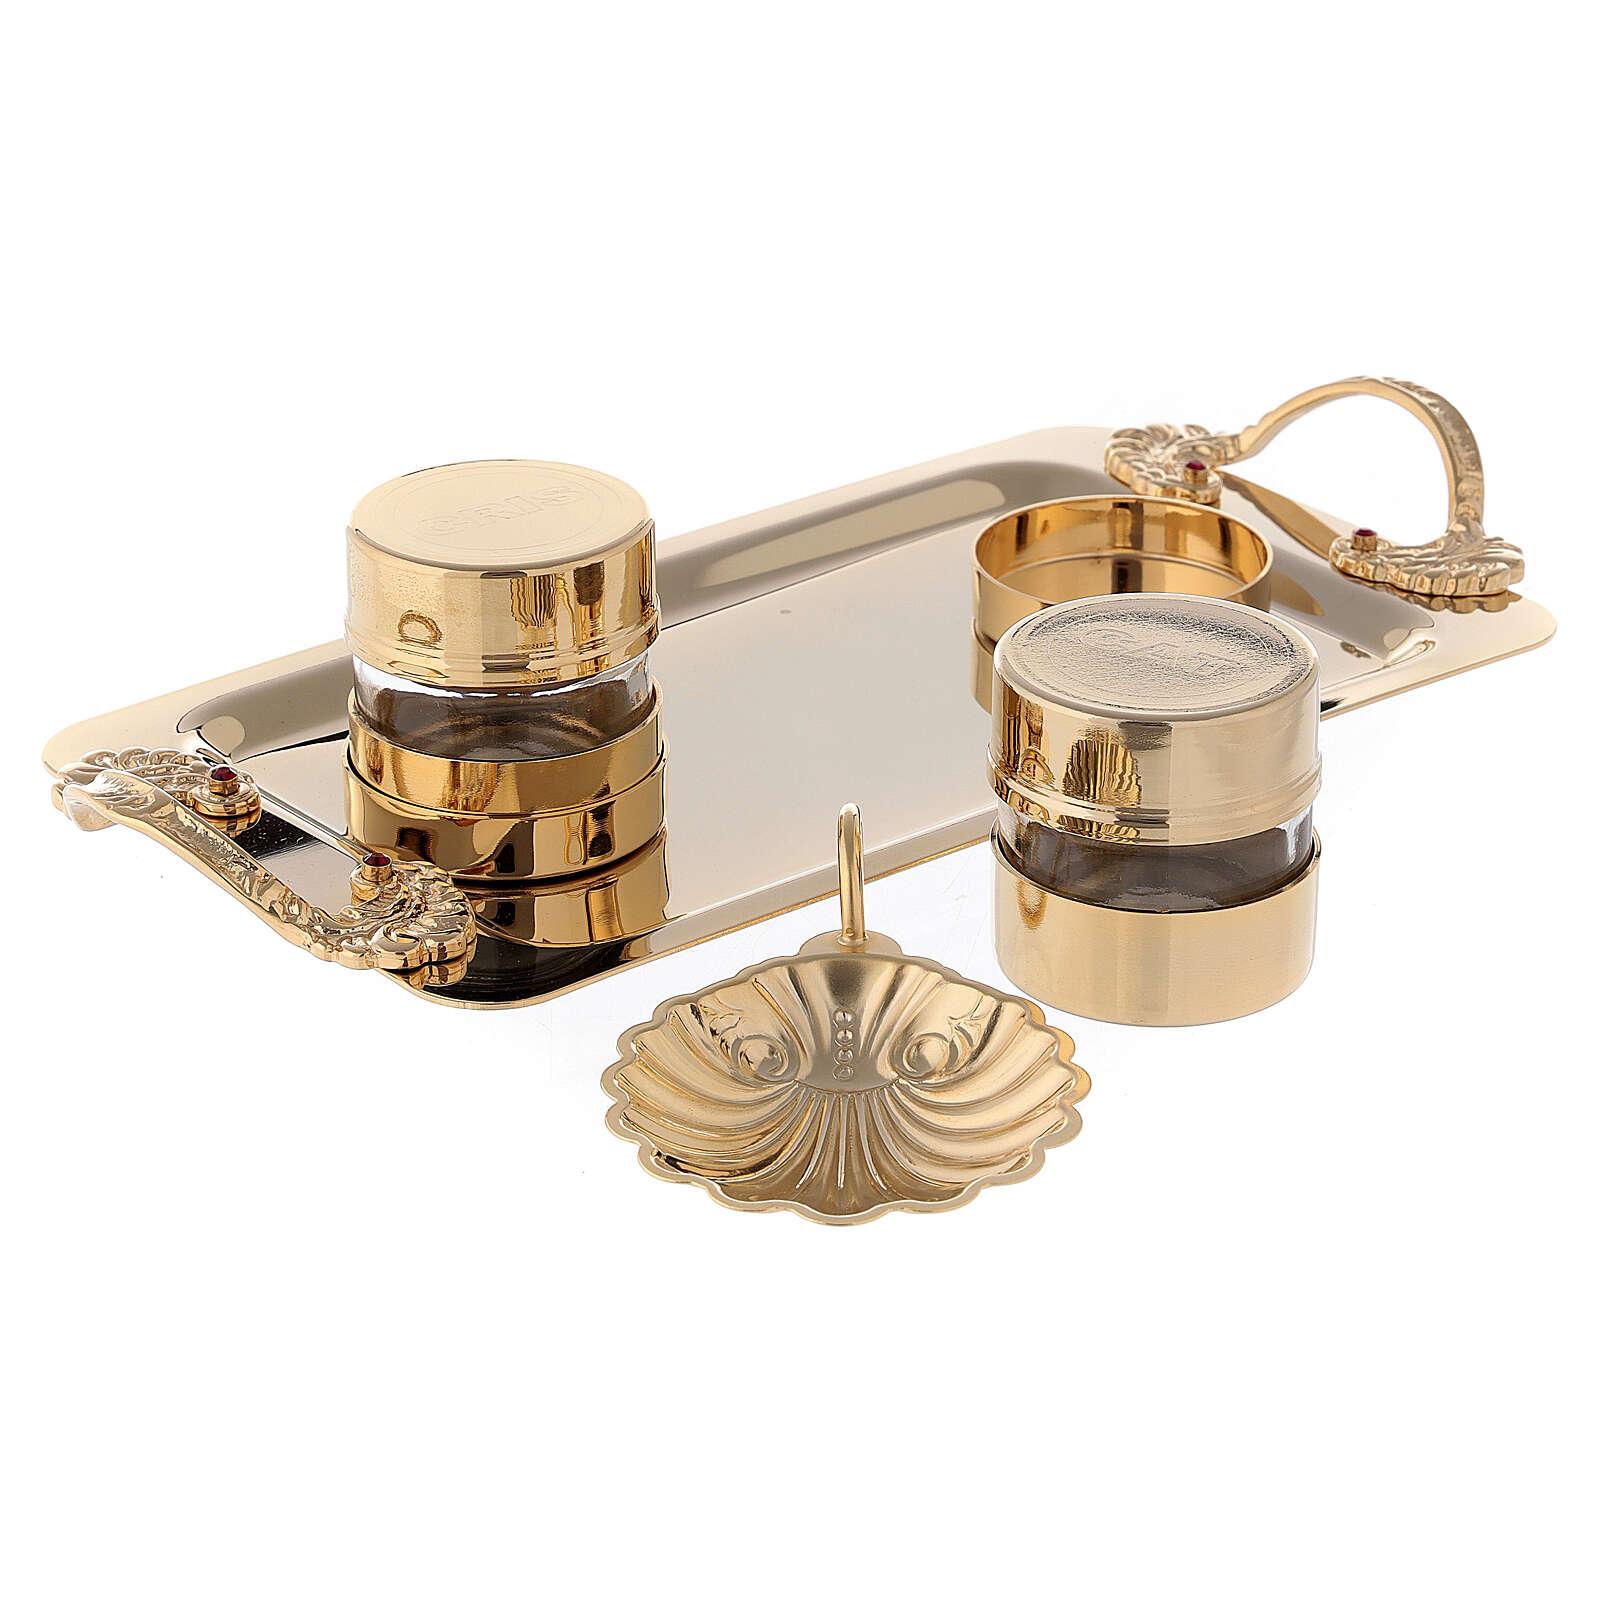 Set deux ampoules huiles saintes pour baptême avec coquillage dorure 24K 4